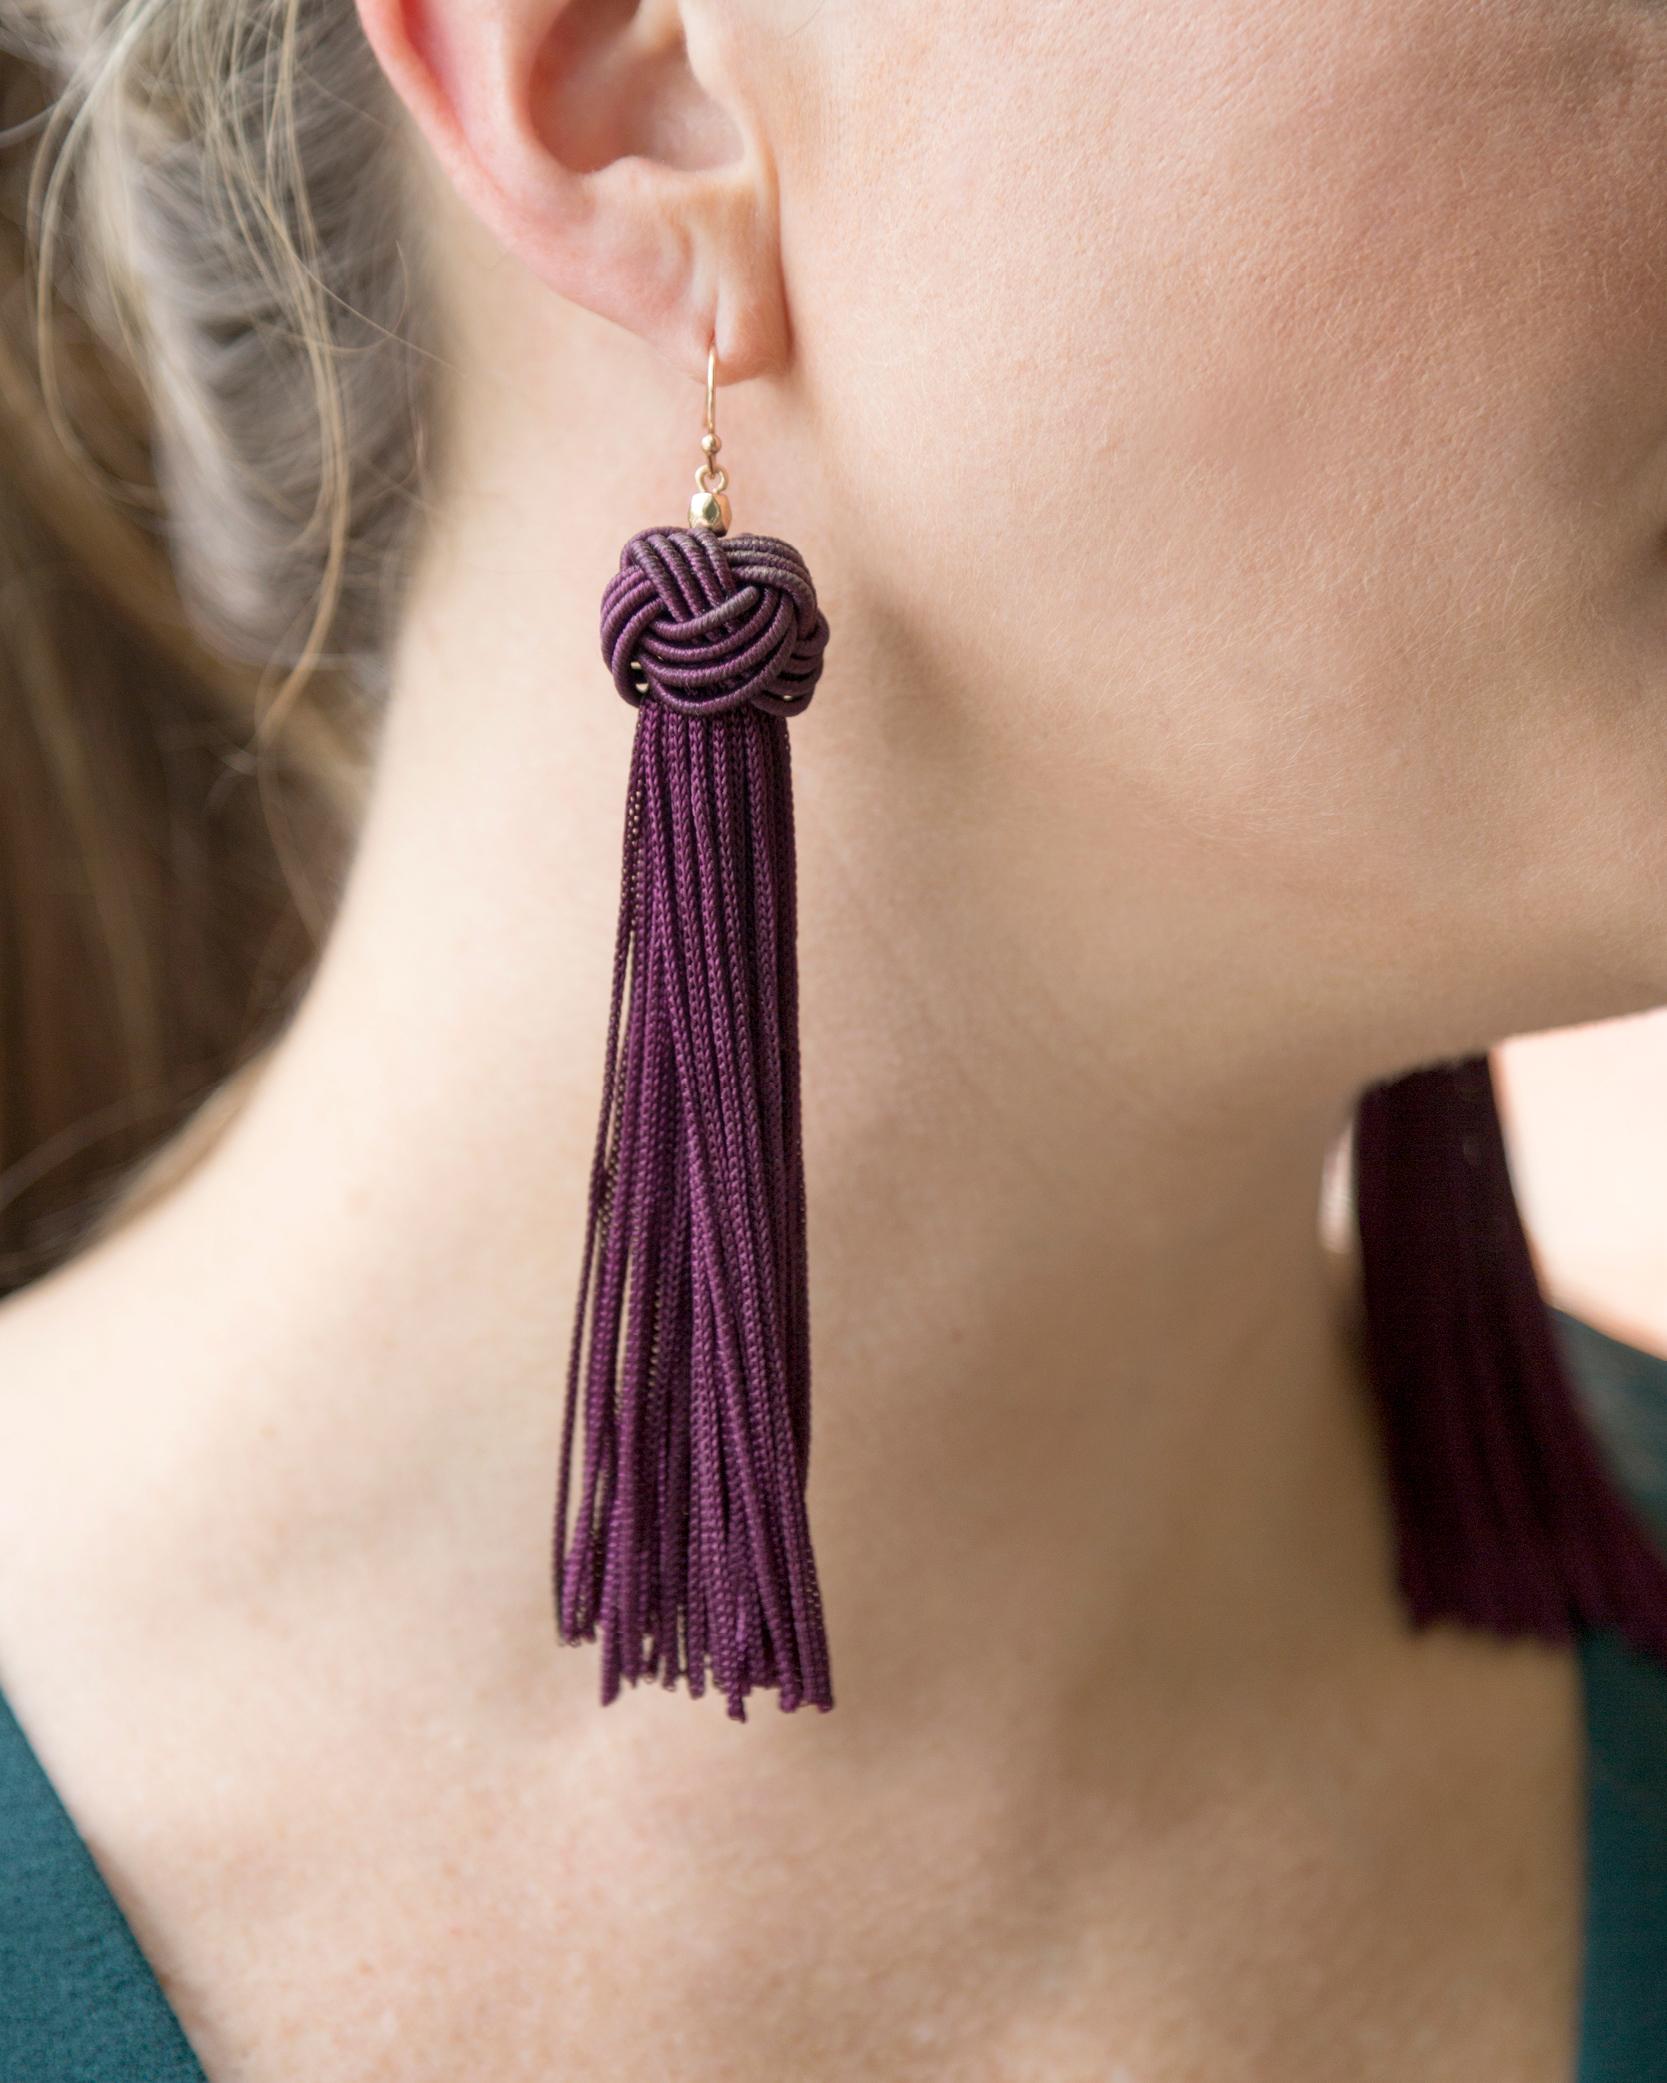 tanger outlets ann taylor tassel dangle earrings